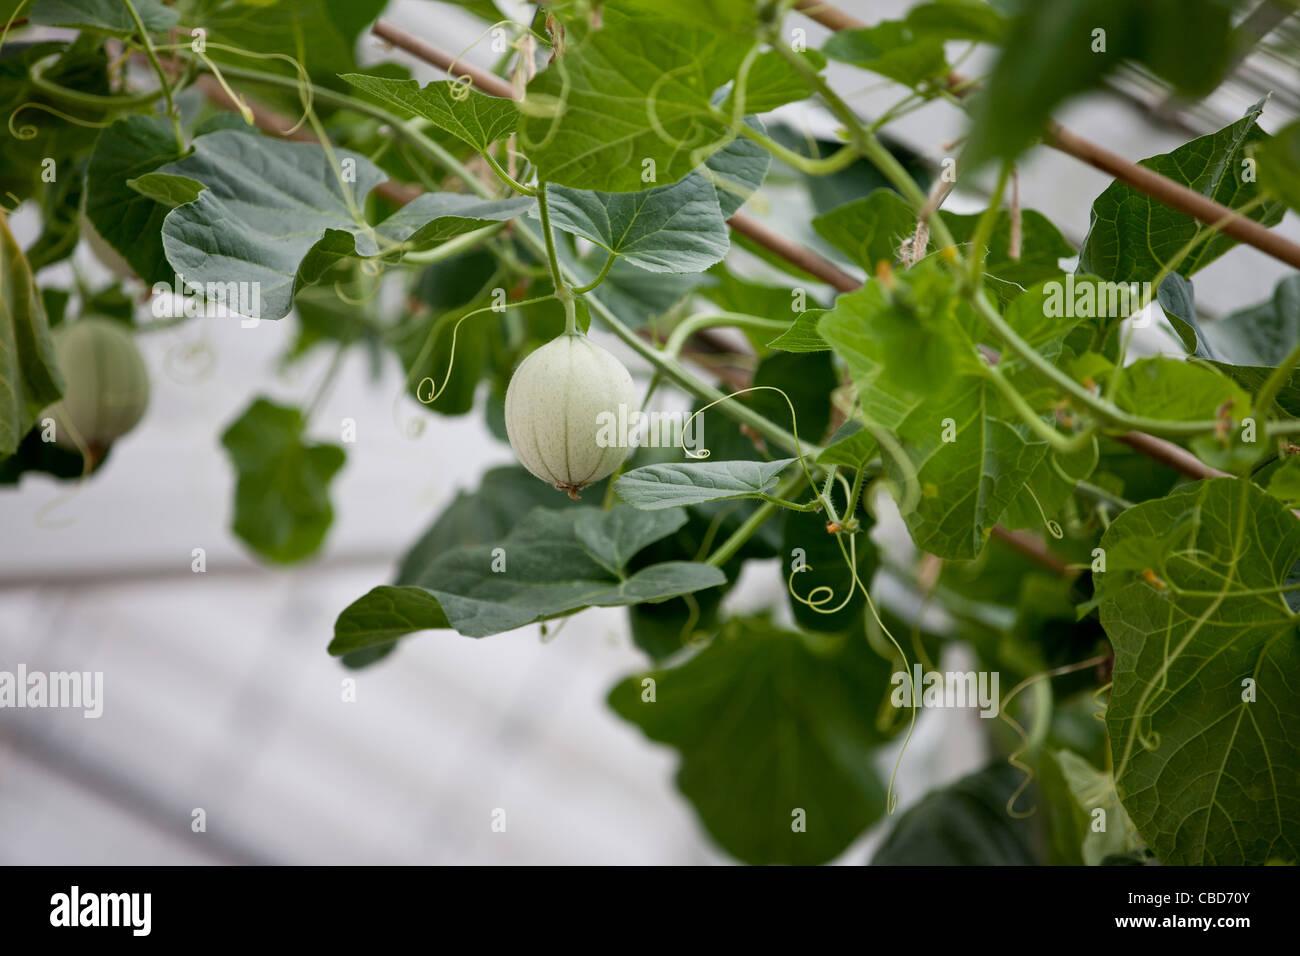 Eine Melone Melone wachsen auf einem Weinstock Stockbild